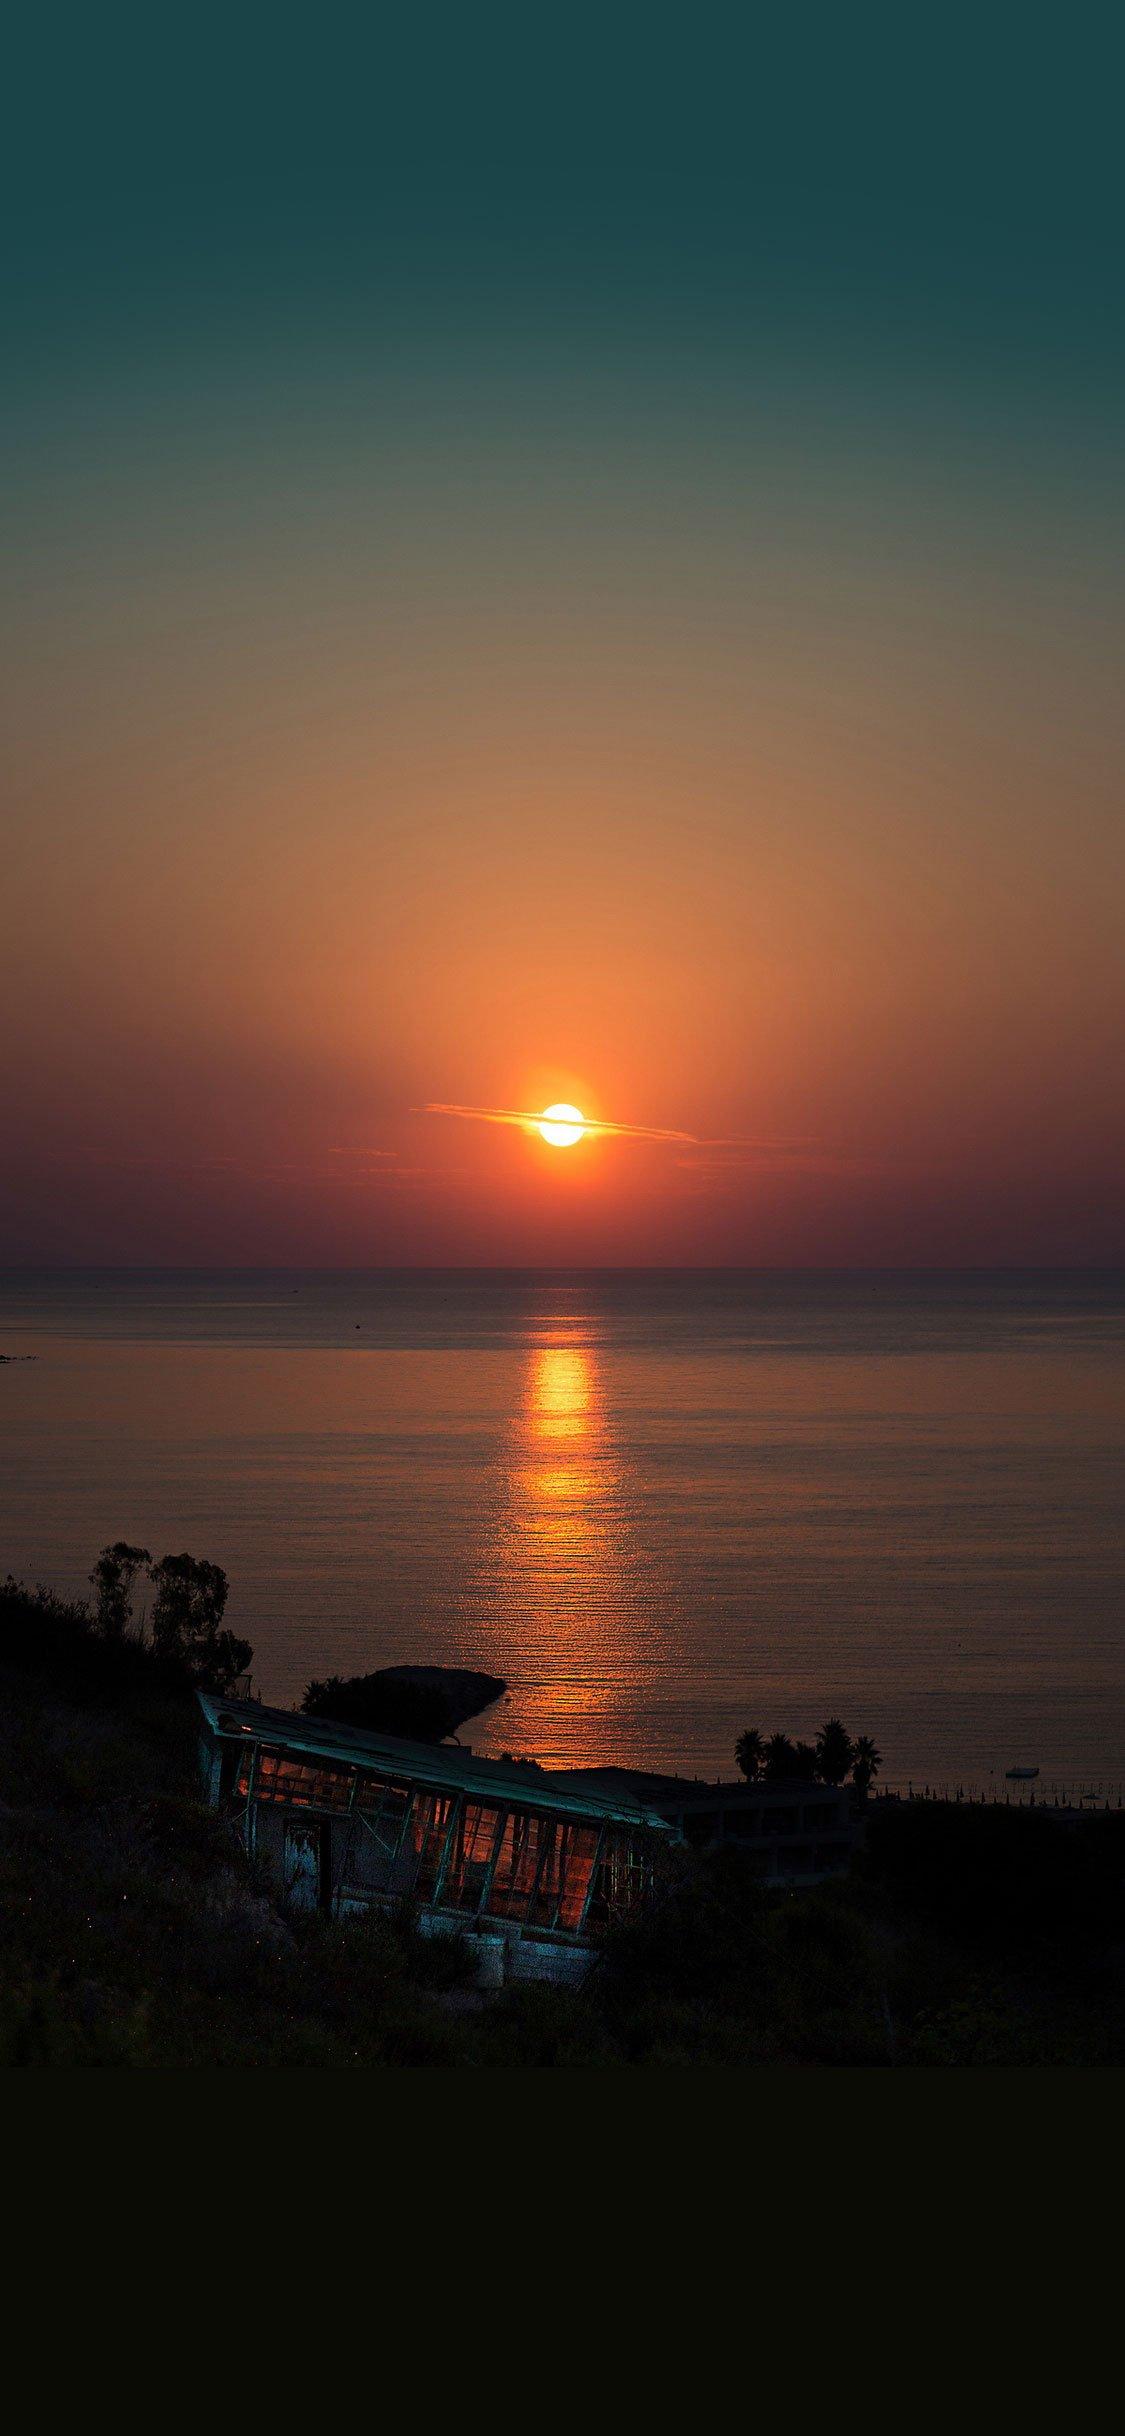 Sunset IPhone X Wallpaper HD